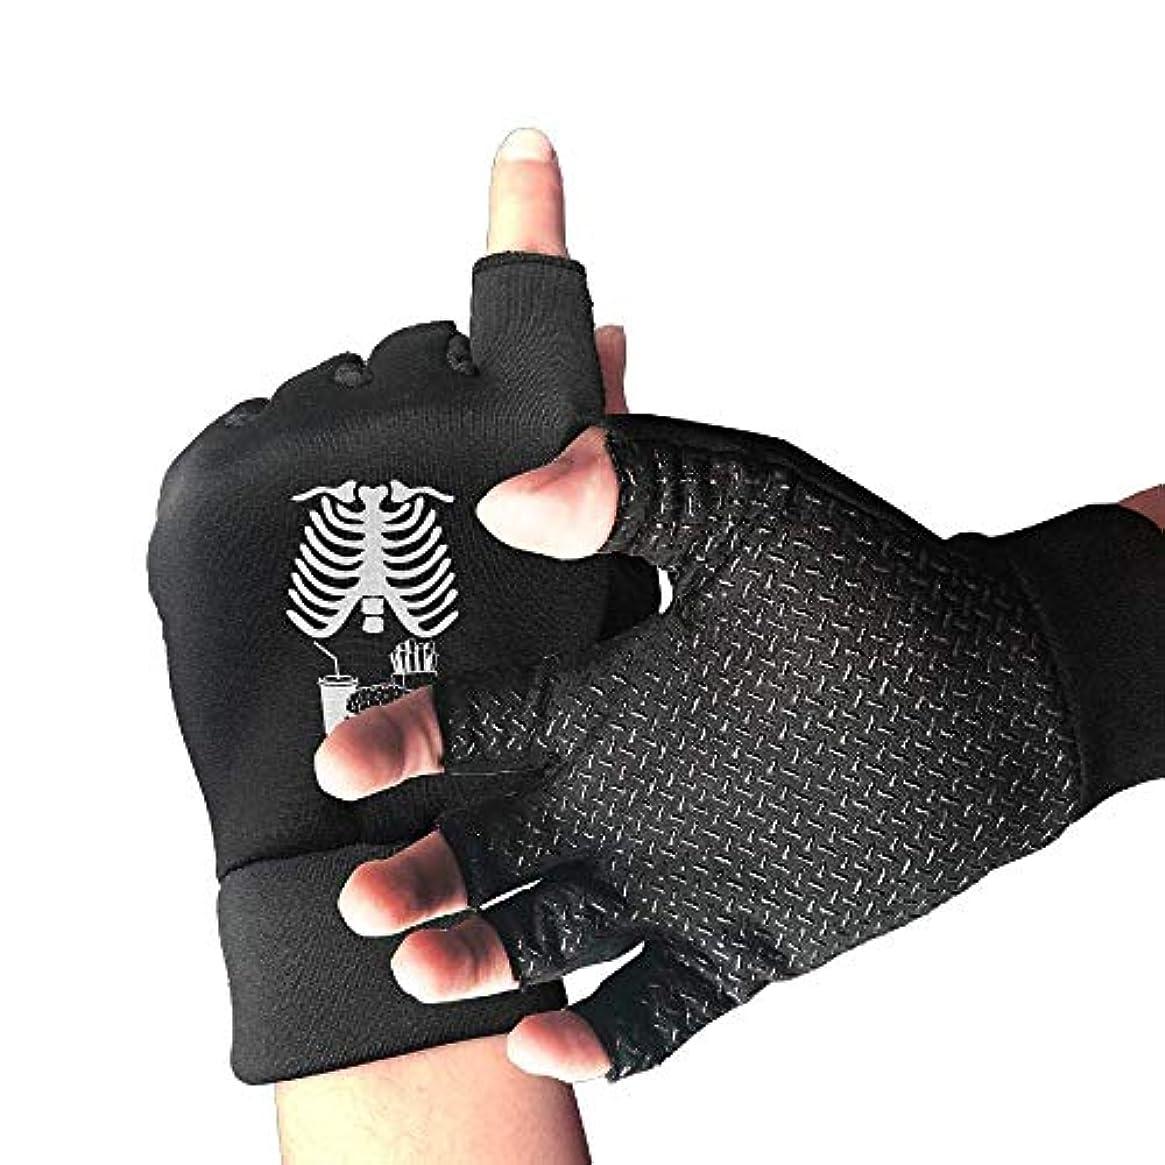 汚い恋人喪Cycling Gloves Xray Skeleton Junk Food Belly Xray Men's/Women's Mountain Bike Gloves Half Finger Anti-Slip Motorcycle...